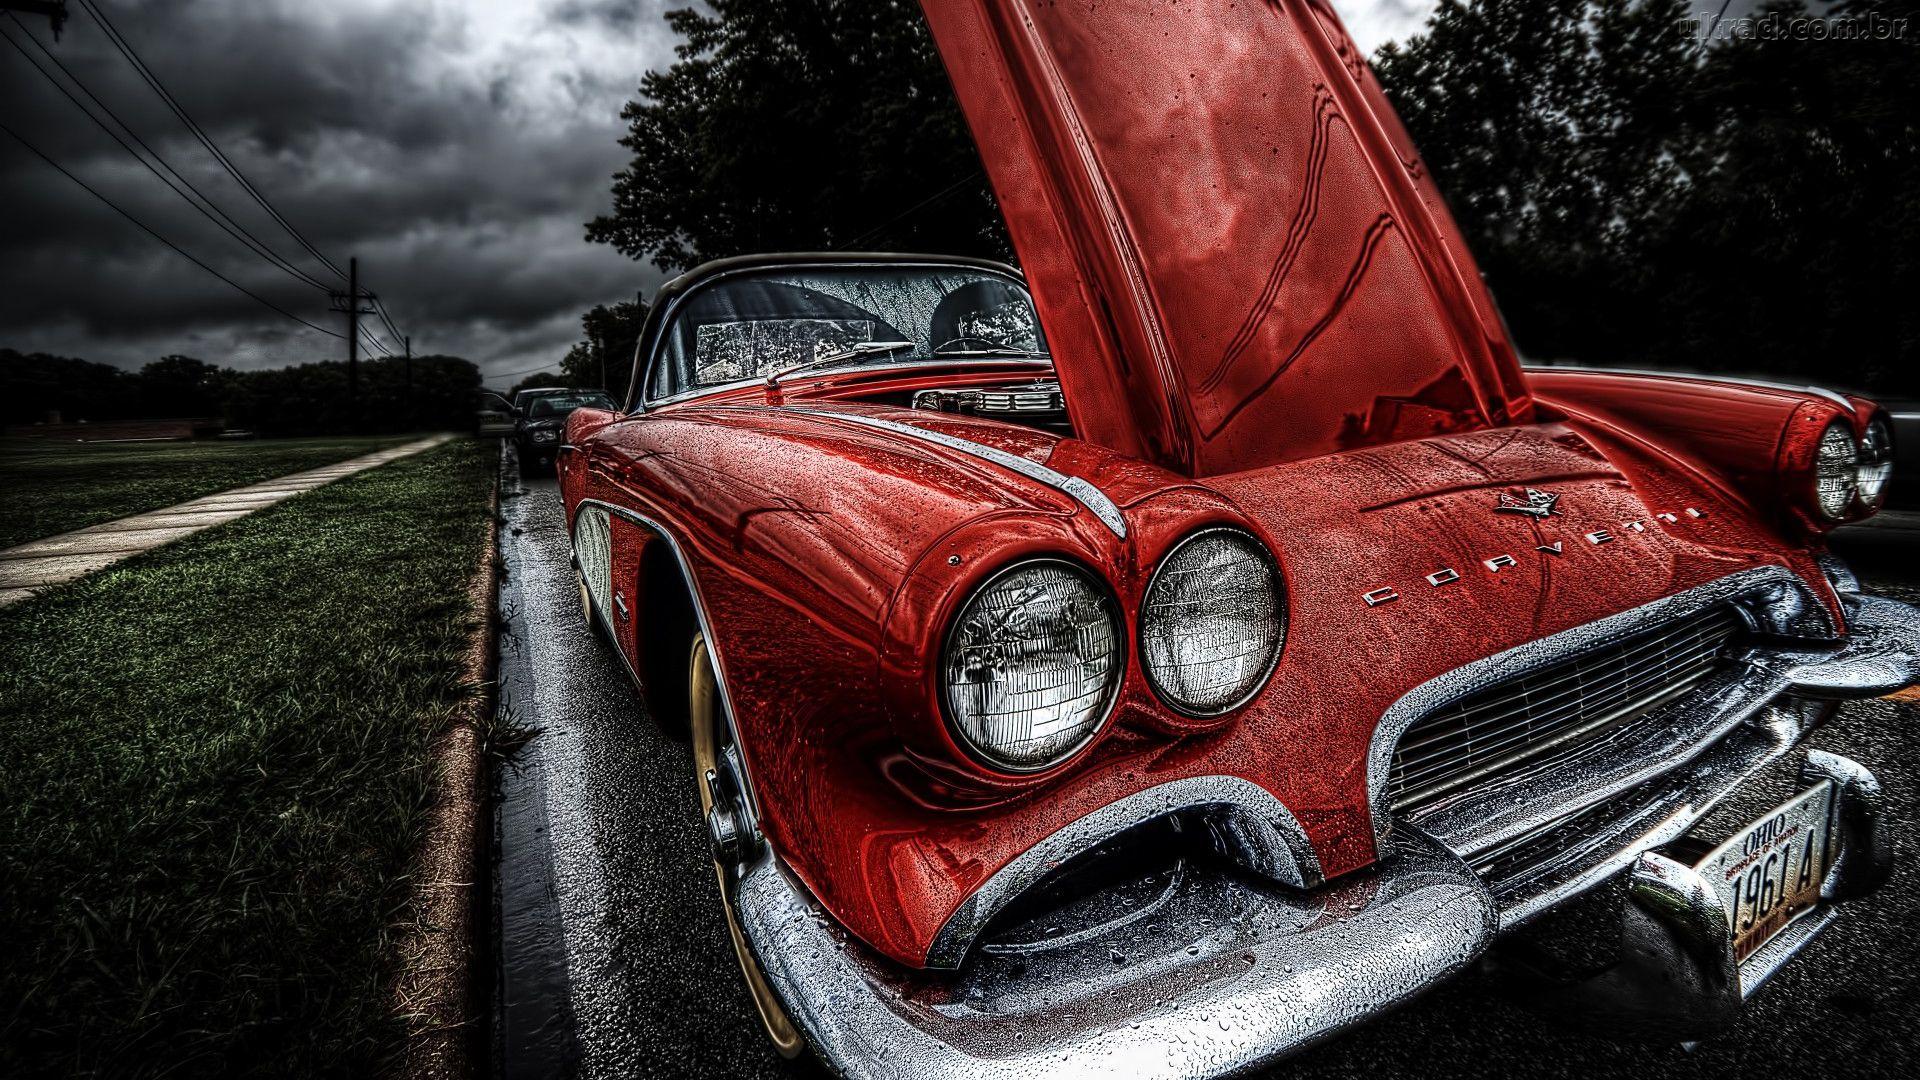 Wallpaper-de-carros-antigos-4